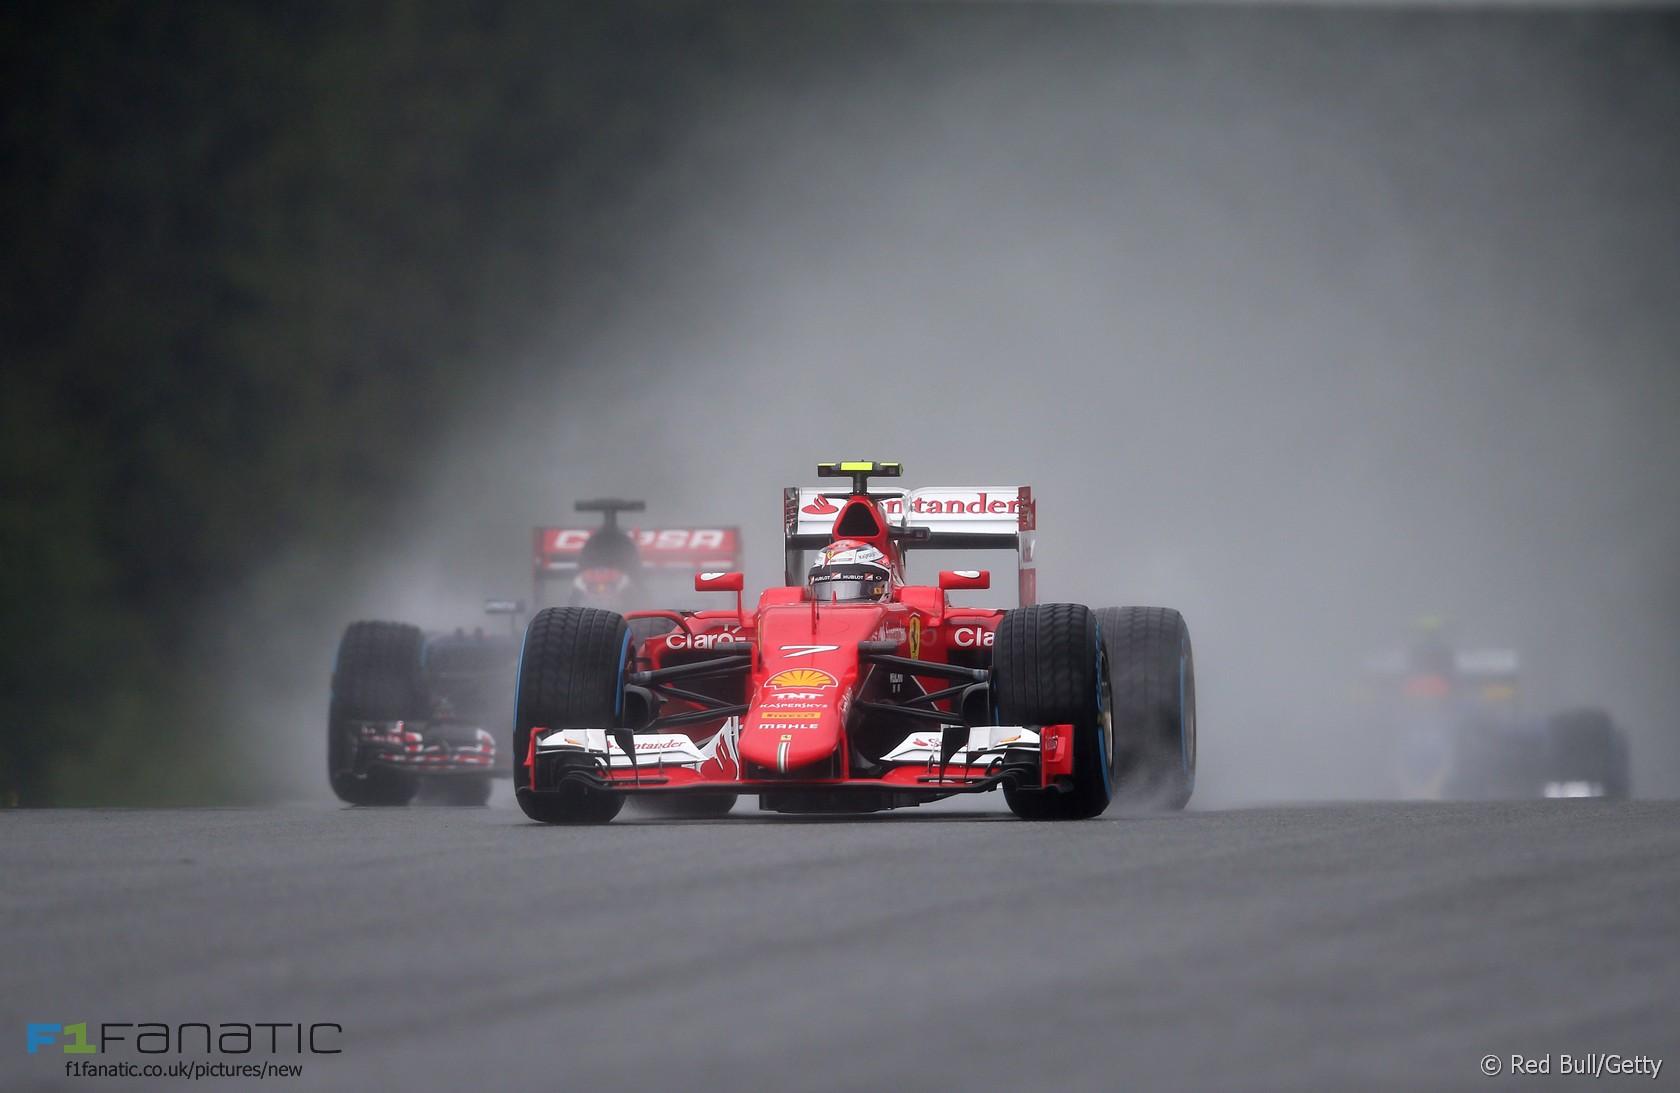 Kimi Raikkonen, Ferrari, Red Bull Ring, 2015